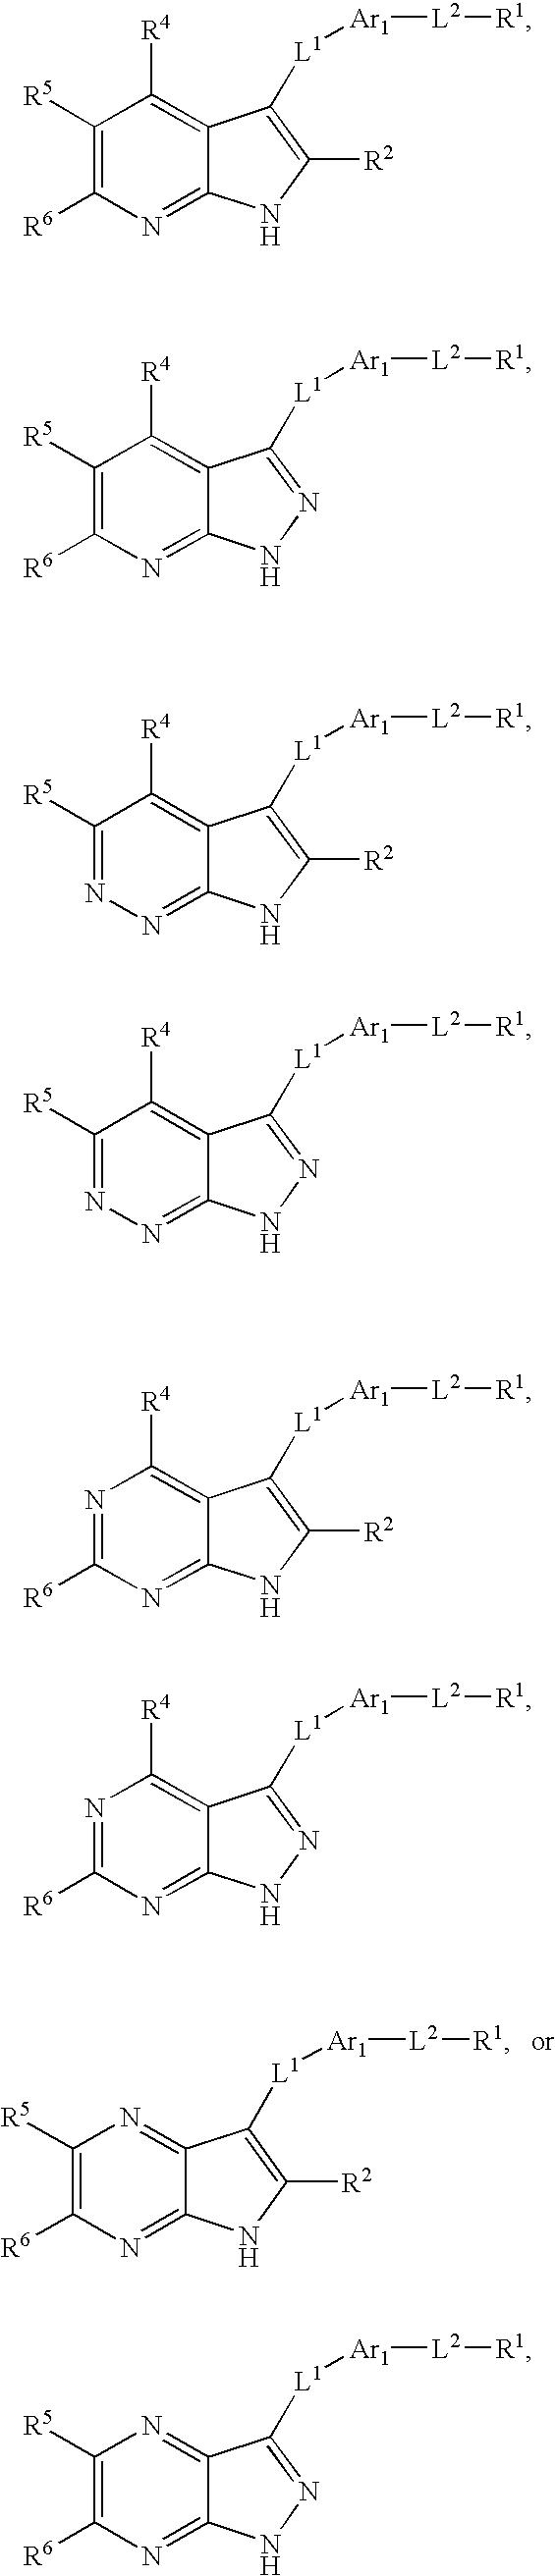 Figure US07893075-20110222-C00006